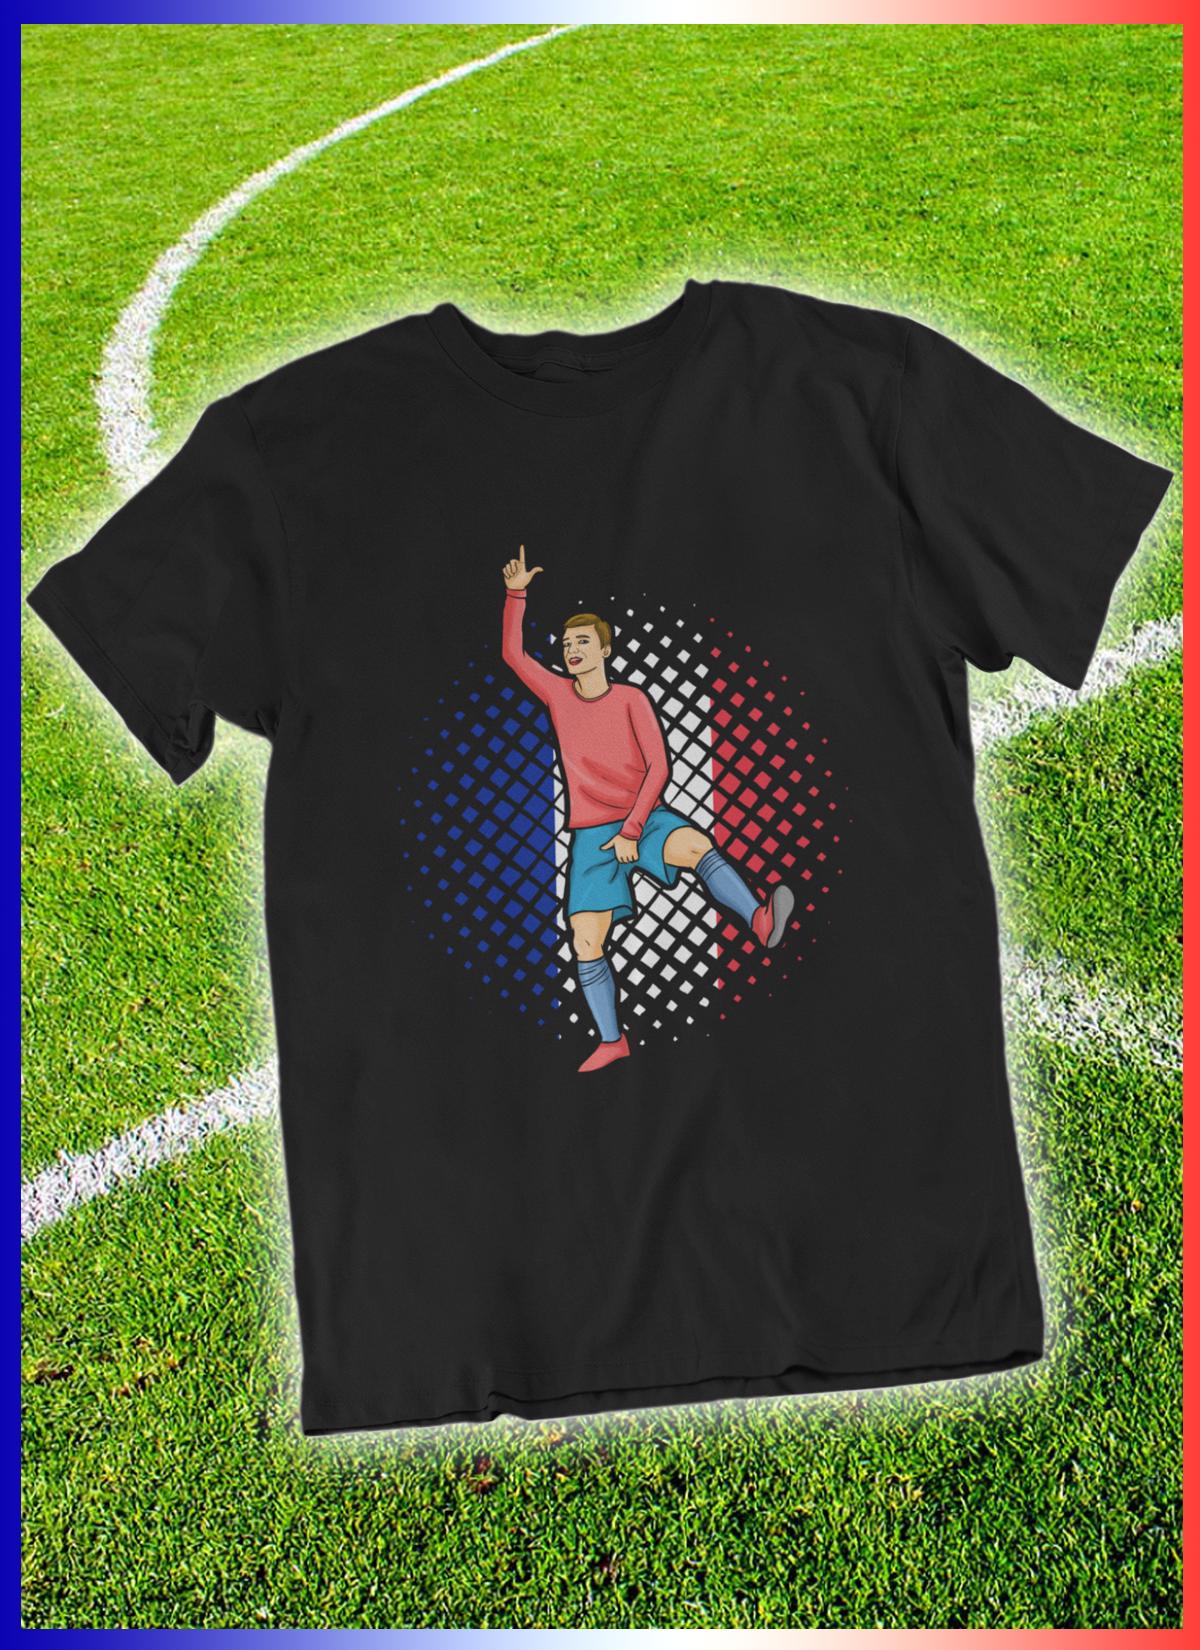 on sale 65f82 f3a63 Frankreich Sieger Jubel L-Tanz | T-Shirts, Shirts, Hoodies ...